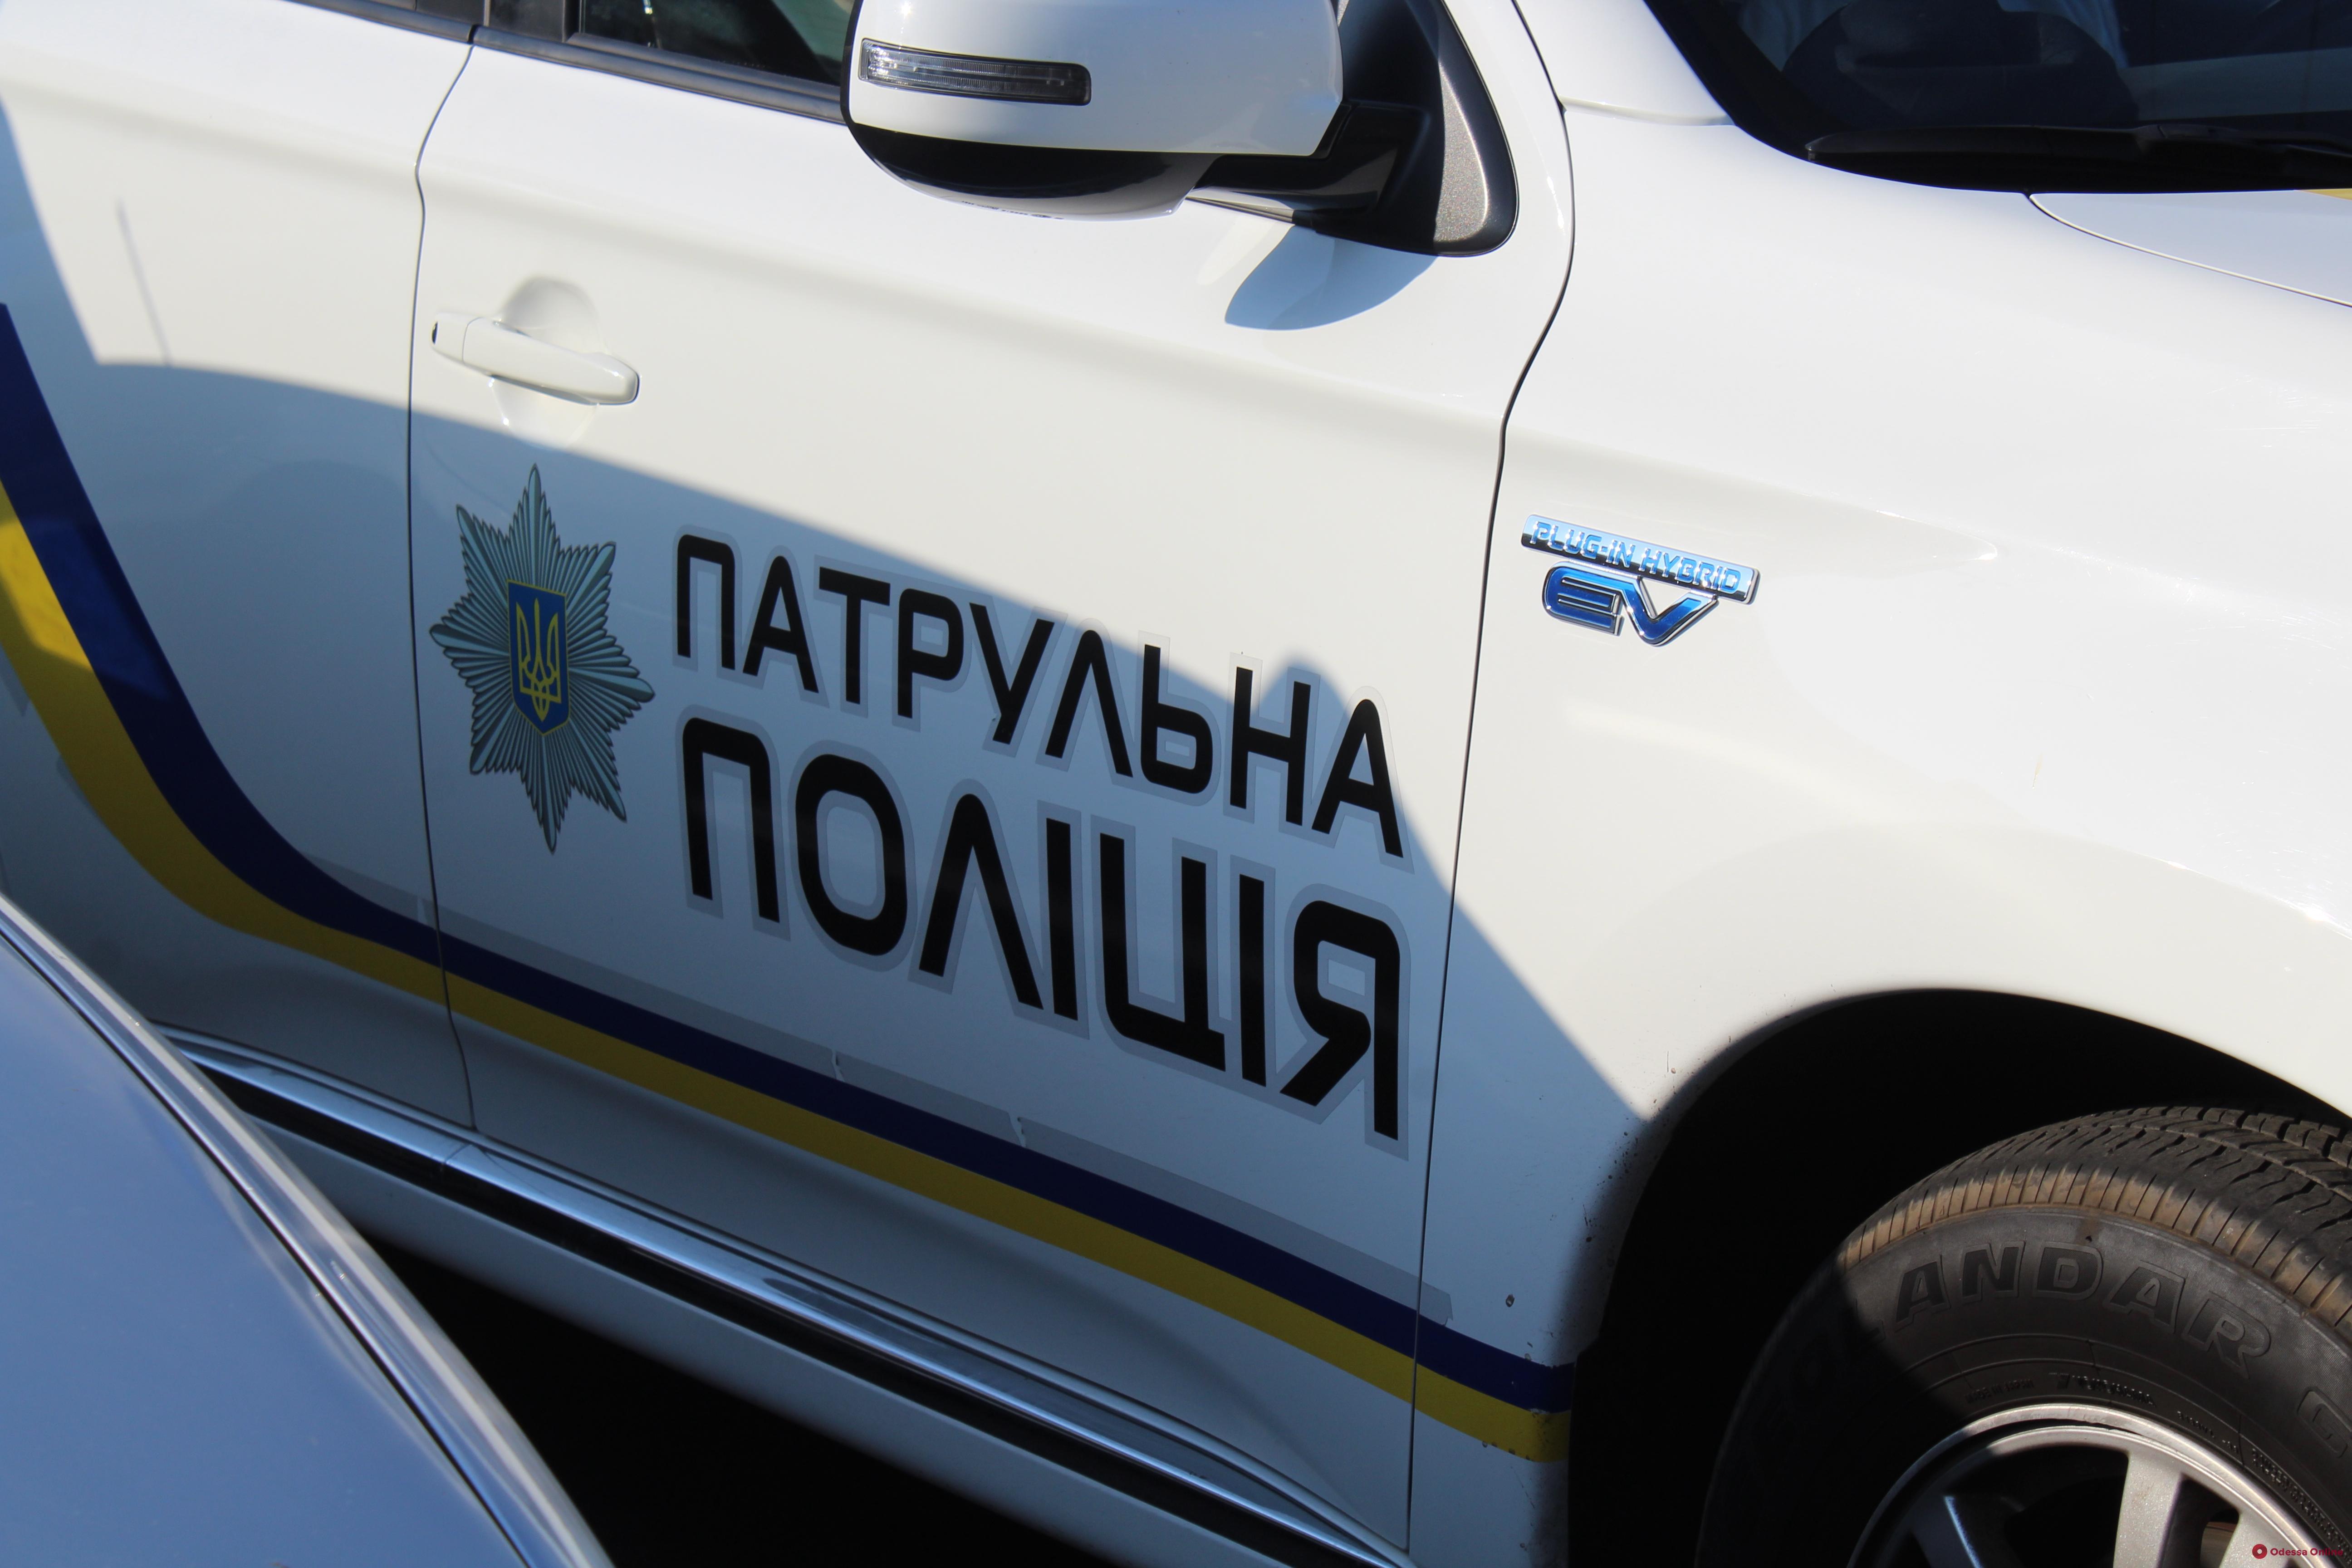 Одесские патрульные спасли мужчину, которому стало плохо в закрытой квартире